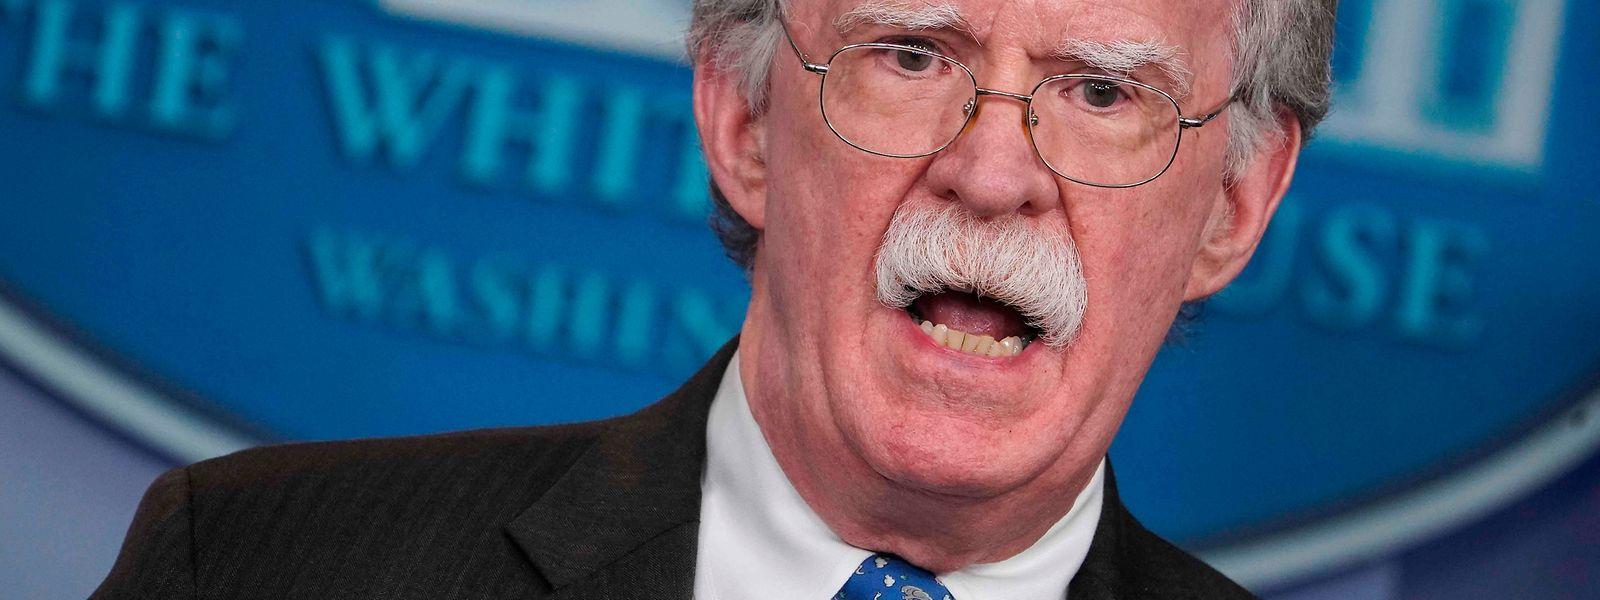 """Trump kritisierte, Bolton habe nach seiner Entlassung """"sofort ein gemeines und unwahres Buch"""" geschrieben."""